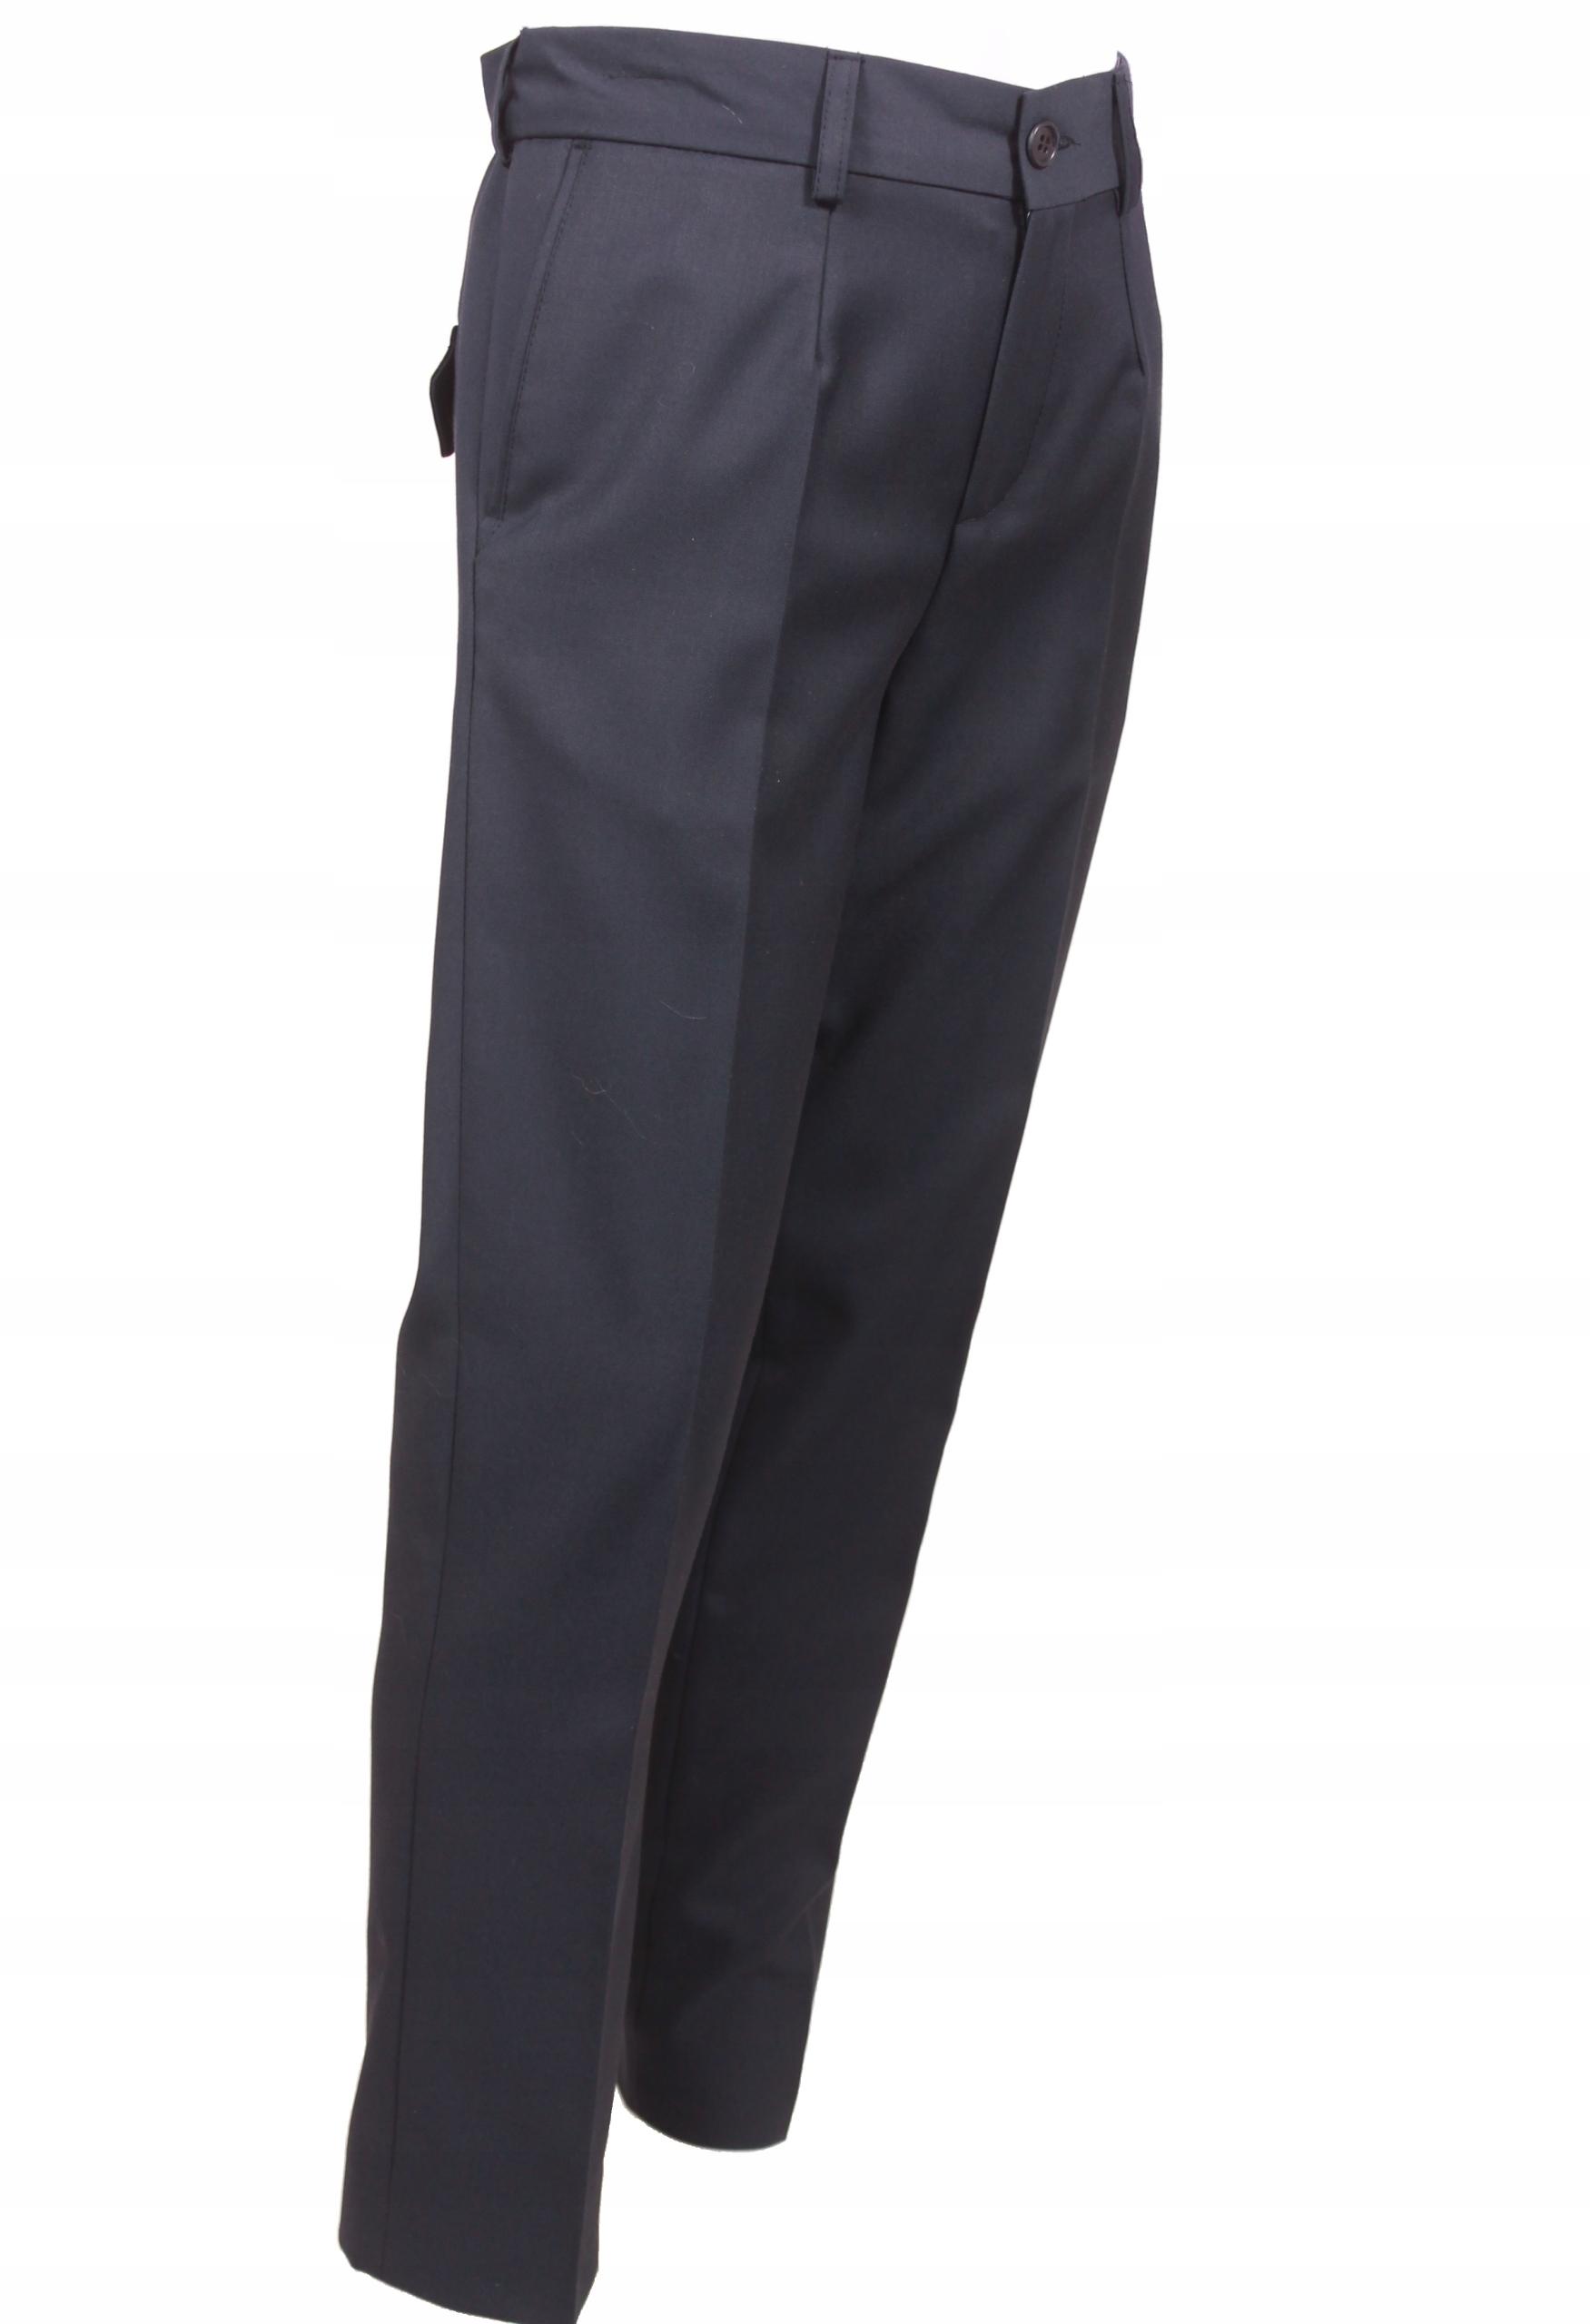 Nohavice garniturowe SOMIR kobaltu veľkosť.152 XXL